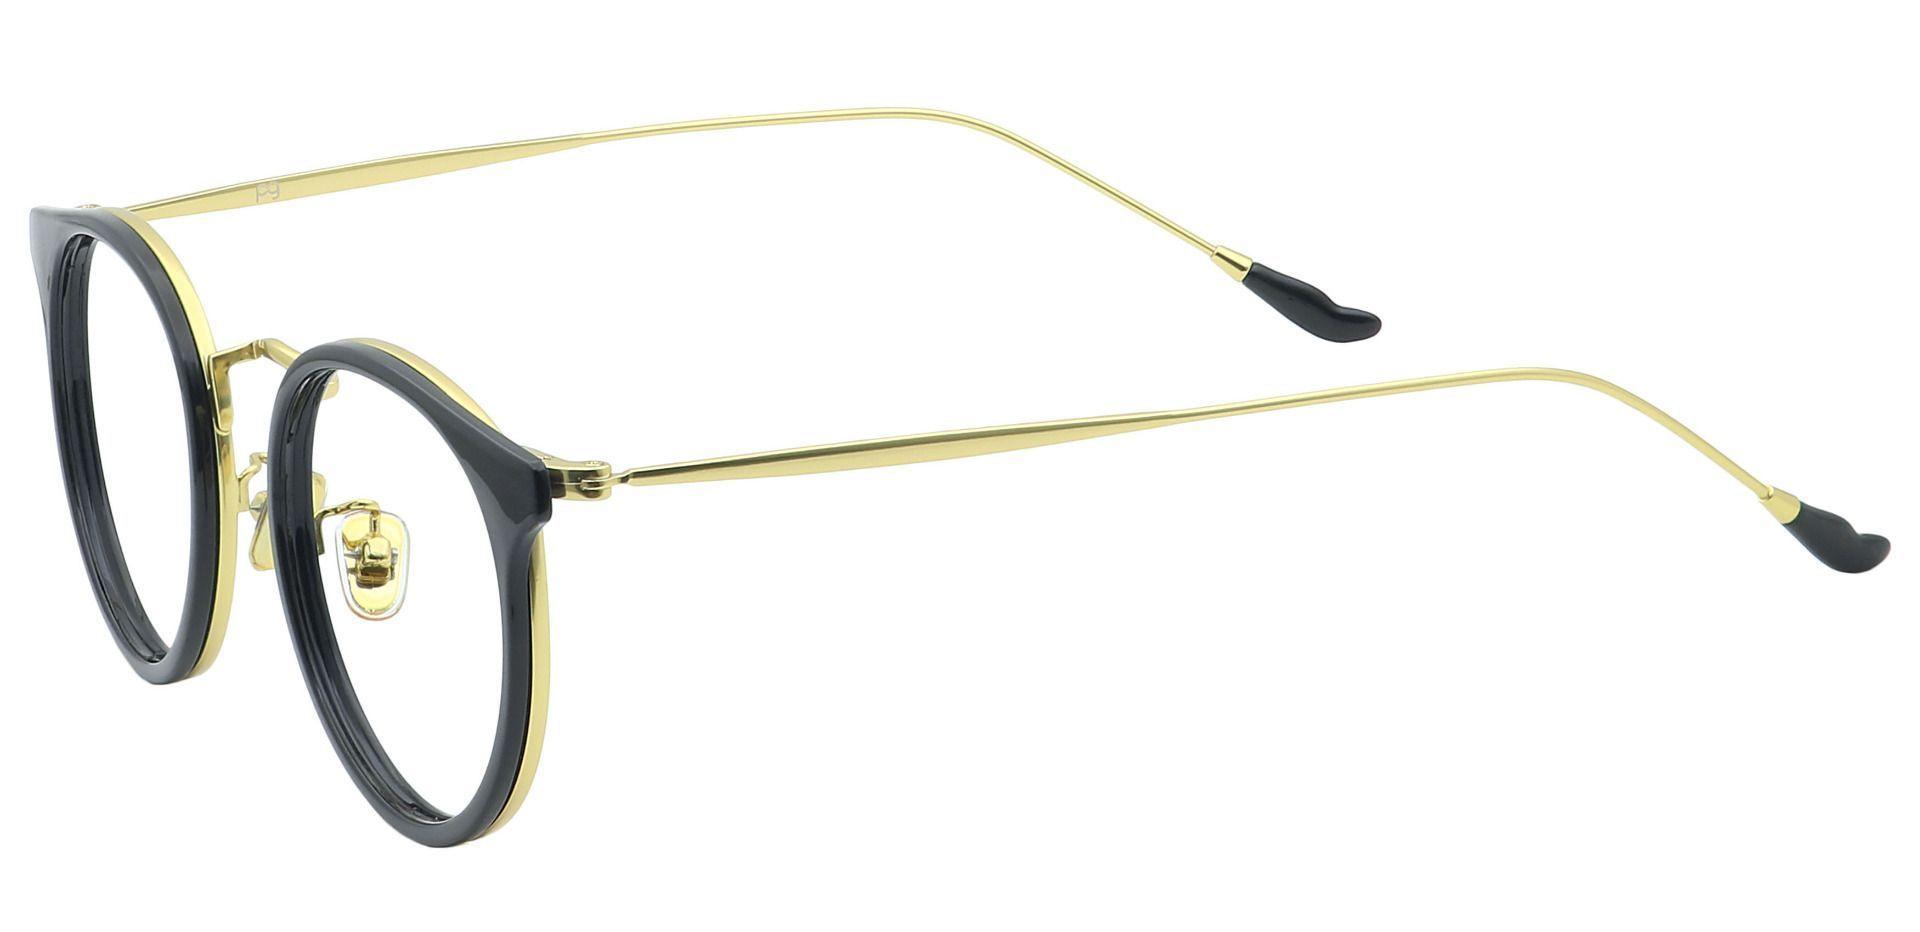 Schenley Round Reading Glasses - Black